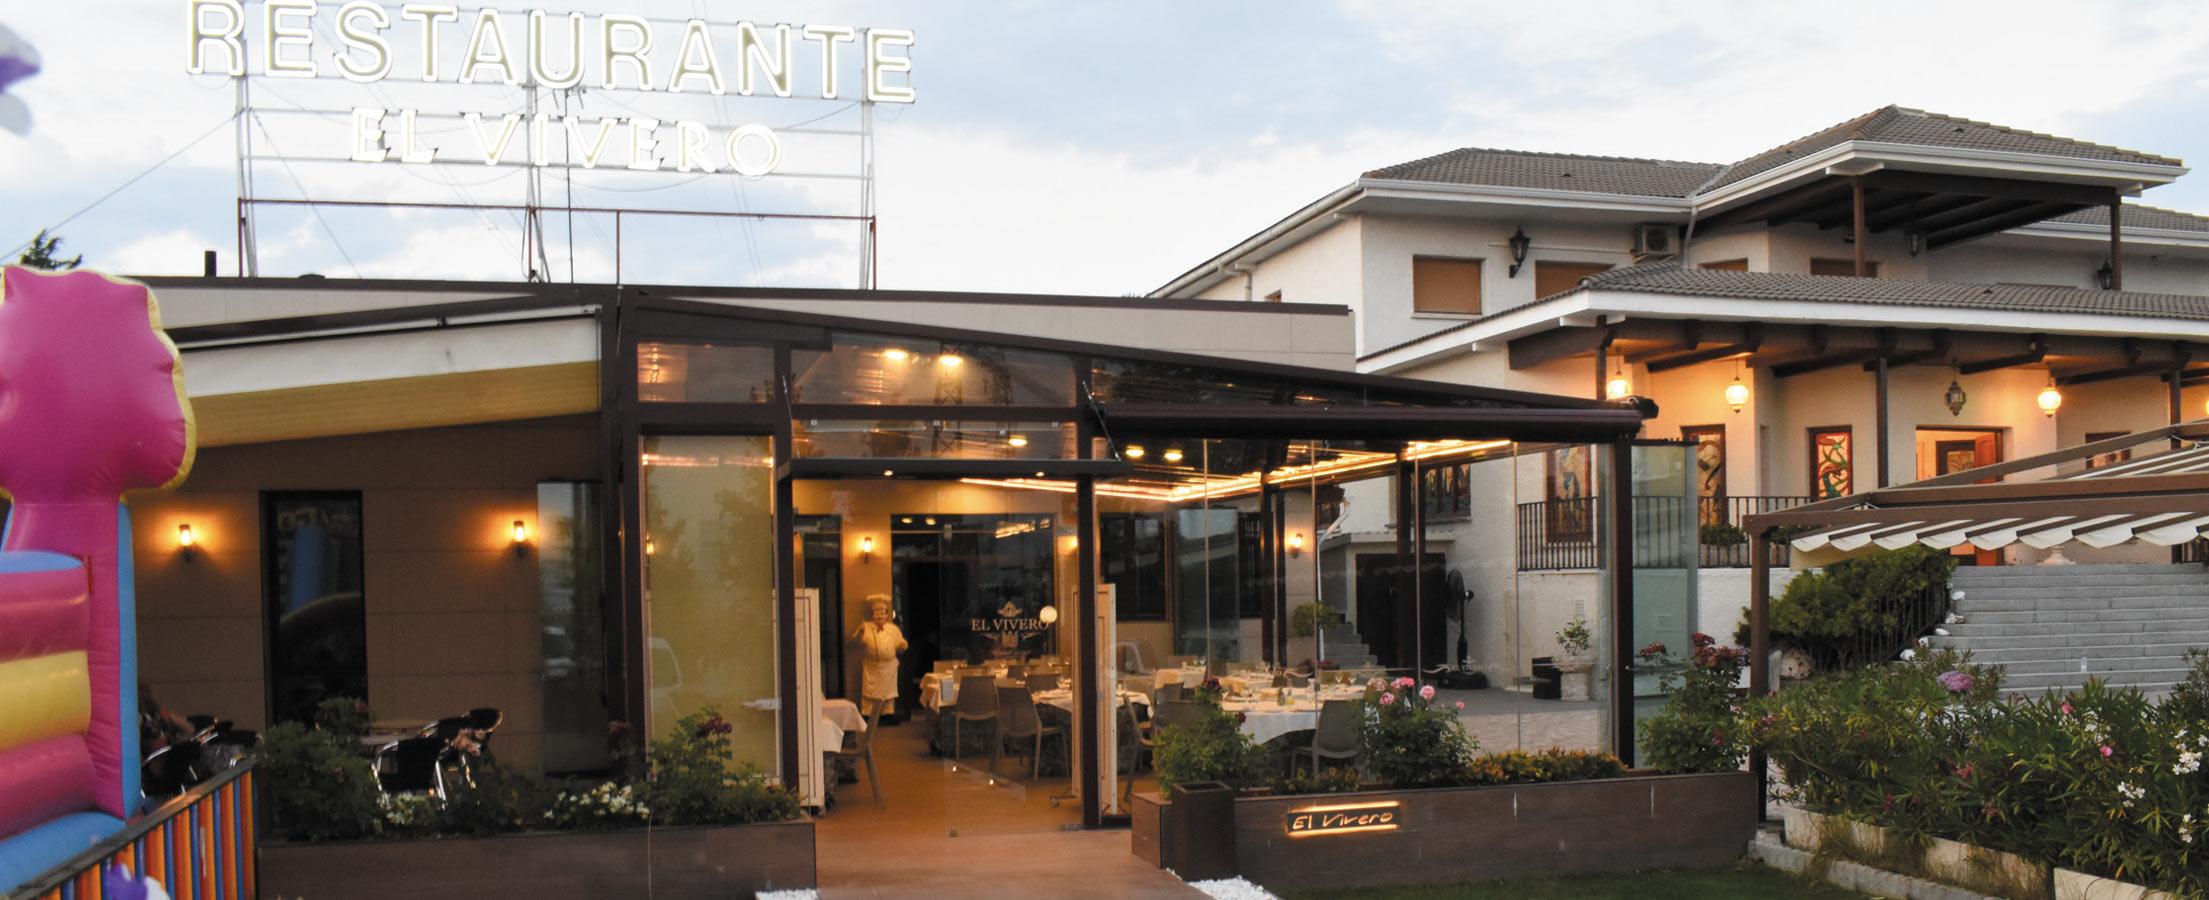 slide_restaurante_2